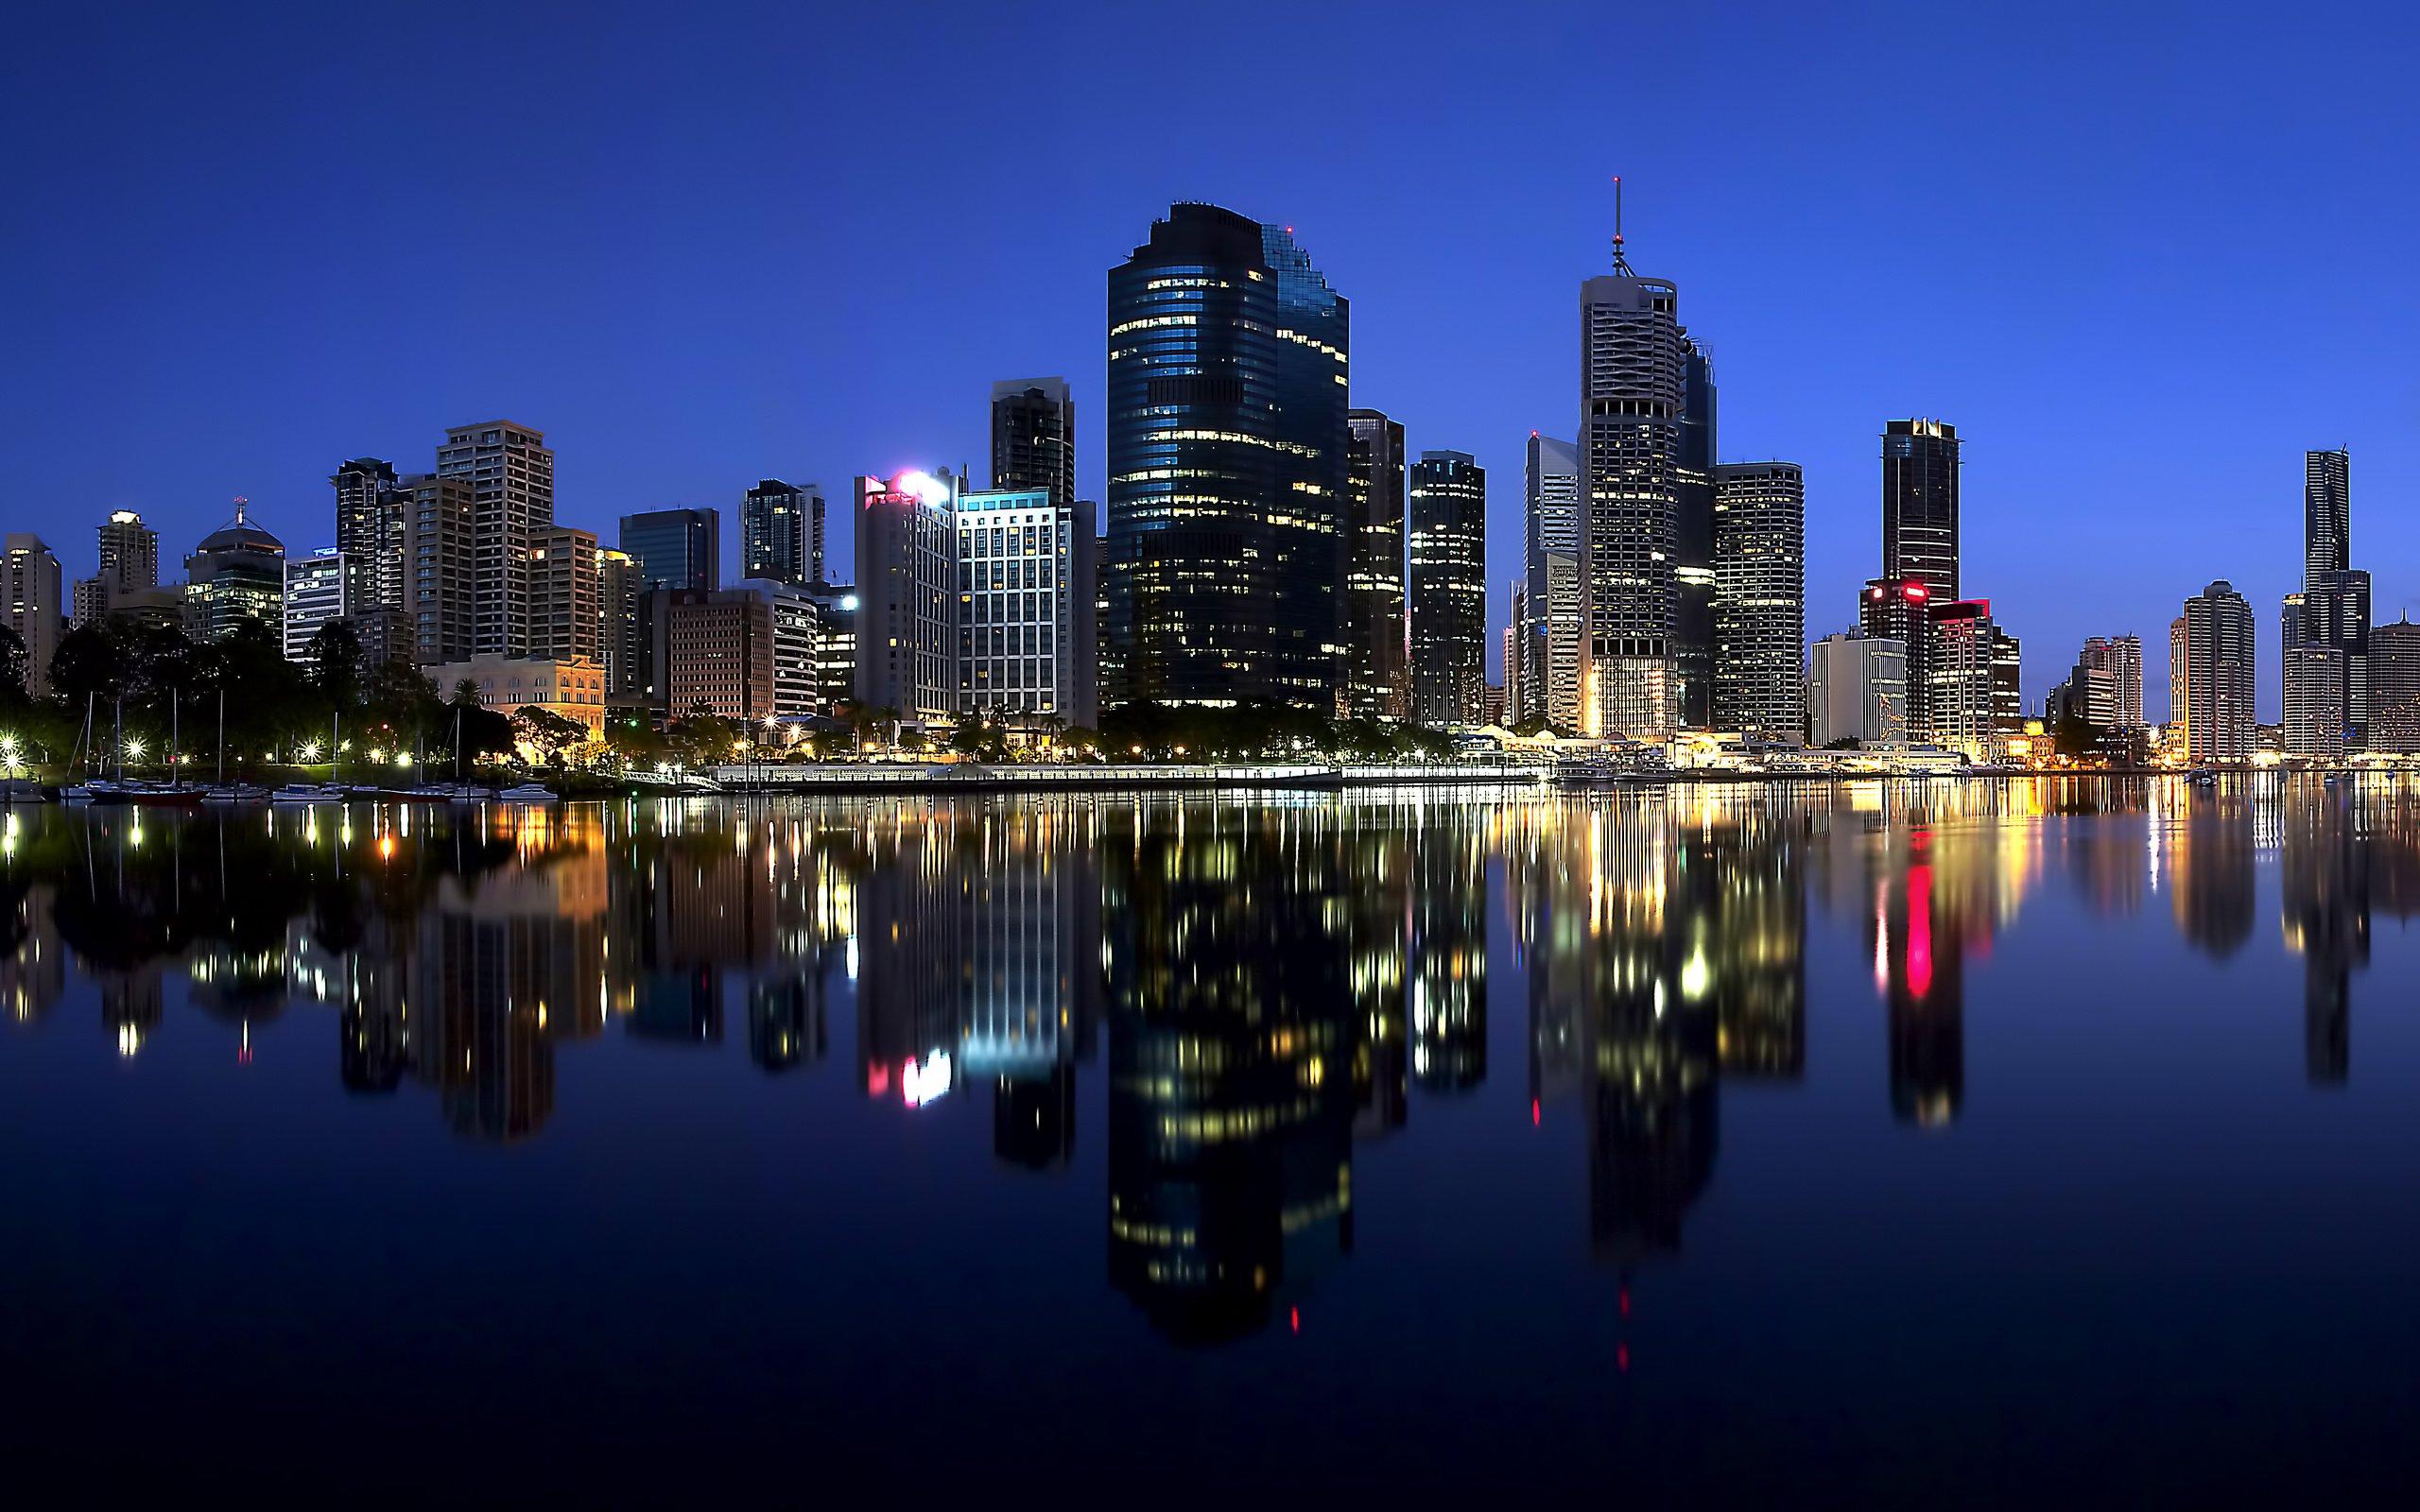 имя навсегда картинки ночного города высокого разрешения отделки внутренних